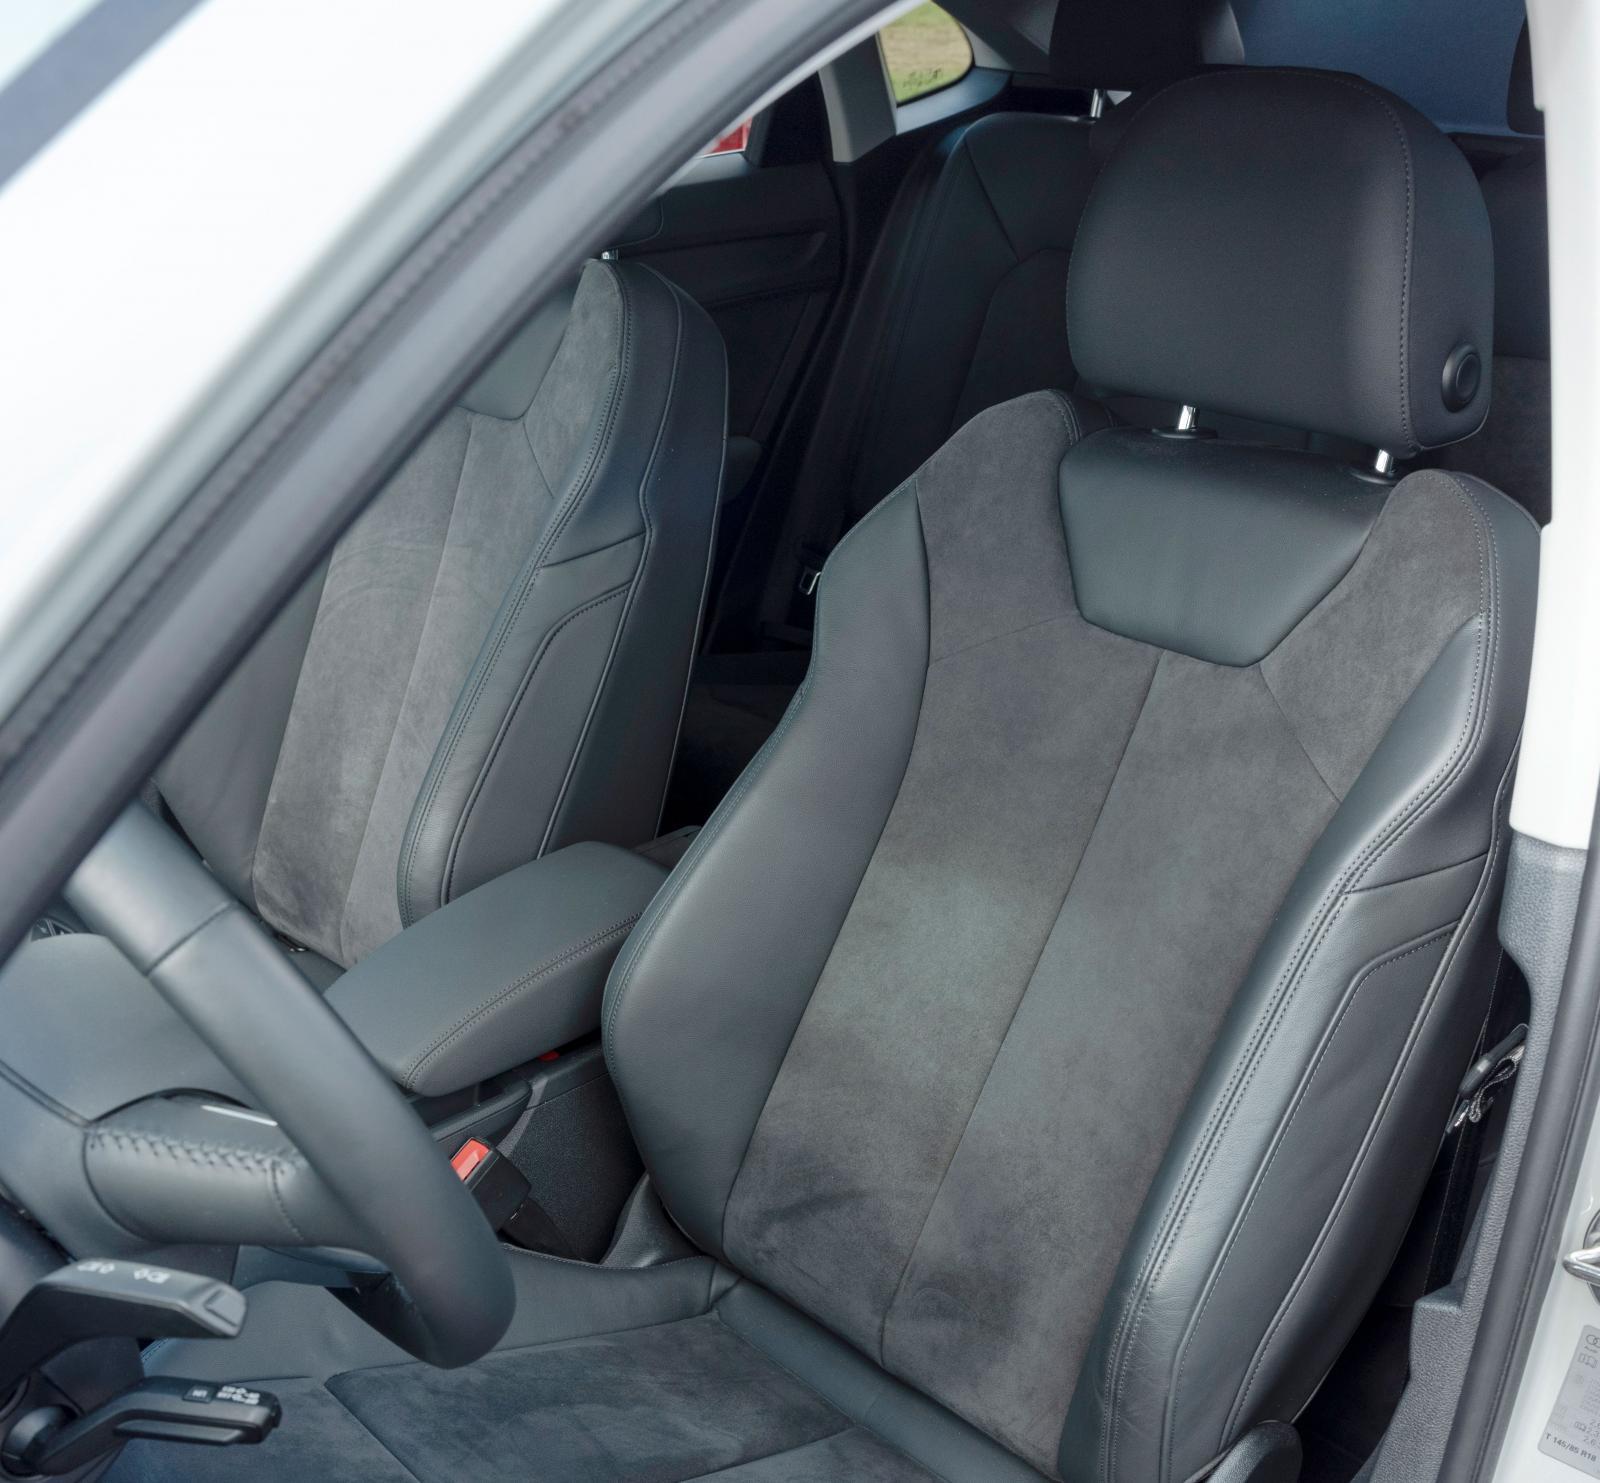 Sportstolar är enda möjliga stol till Q3 SB. Mekaniskt justerbart lårstöd och vinklingsbar dyna för förare och passagerare. Fyrvägs svankstöd.